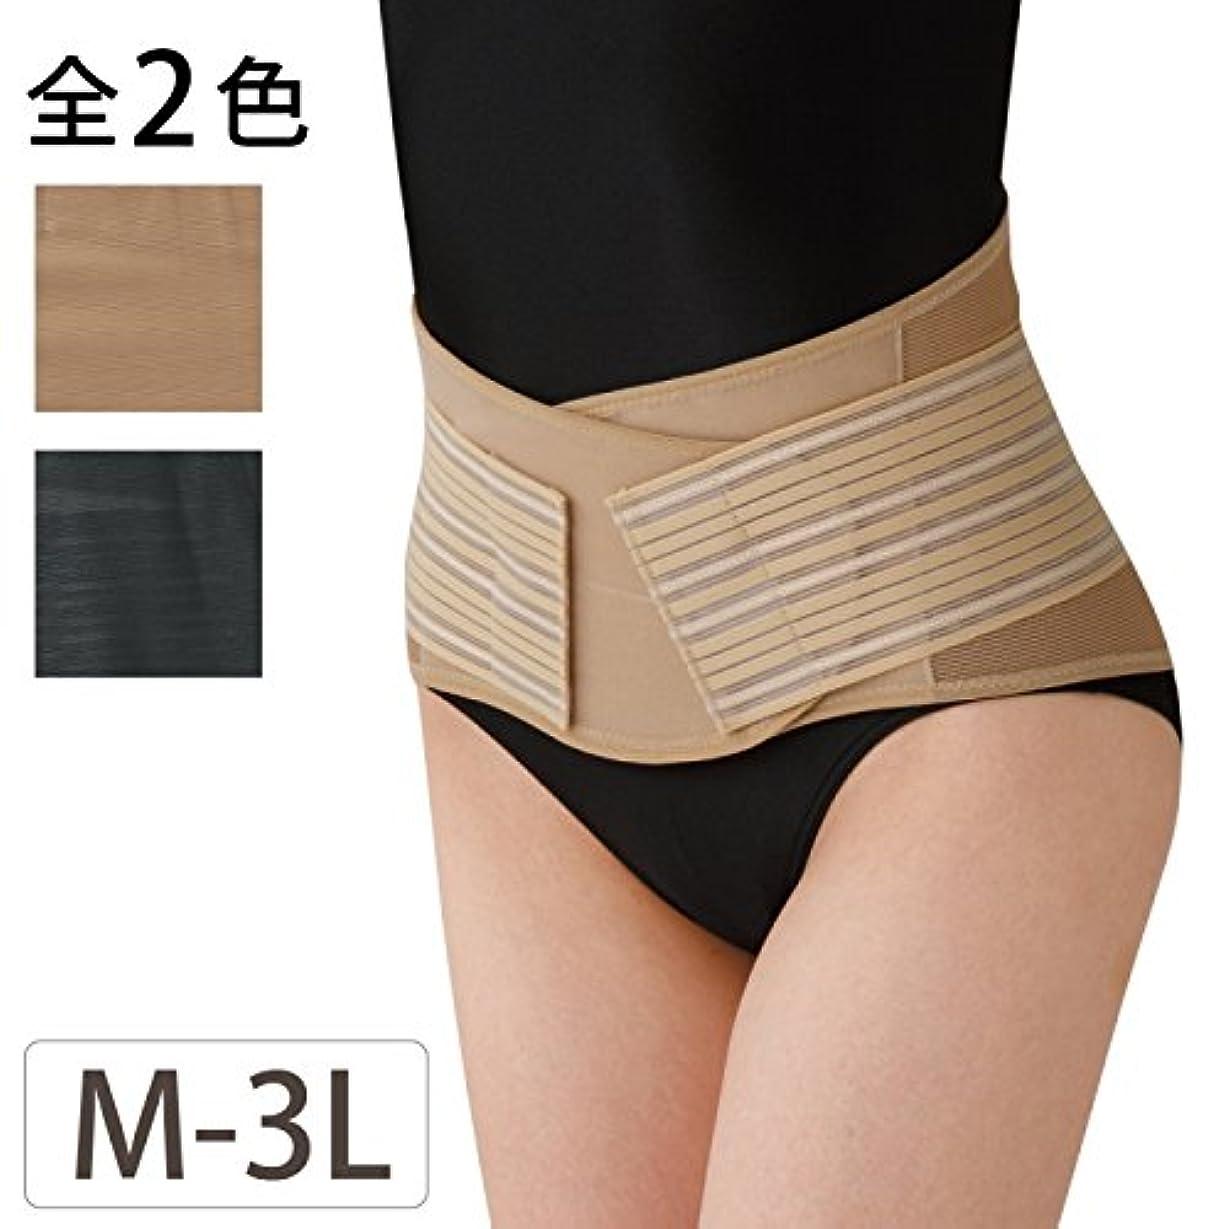 アシスタント嘆く効能ある骨盤ベルト 腰痛ベルト ウエストベルト 薄くても腰をしっかり支えるコルセット M-3L 全2色(ブラック LL-3L)